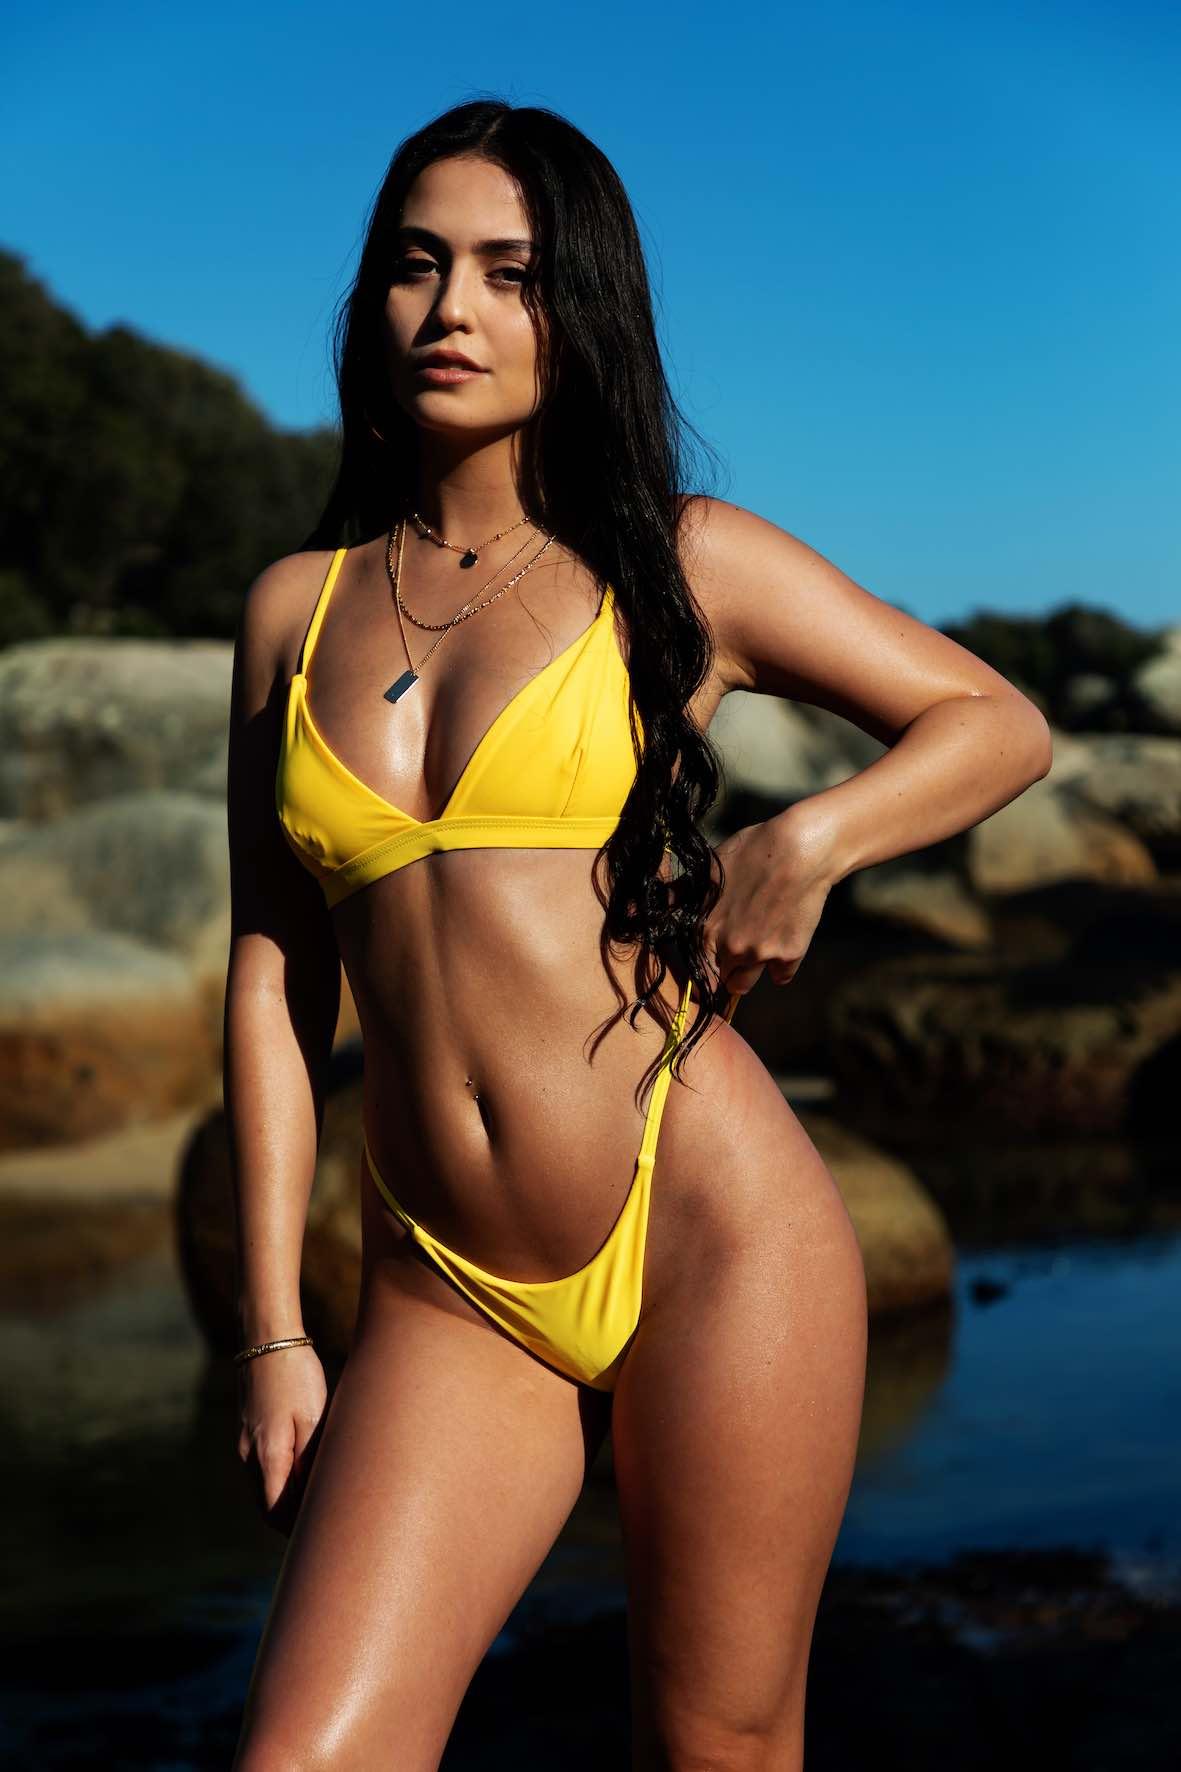 Meet Mai Sayag in our SA Babes feature